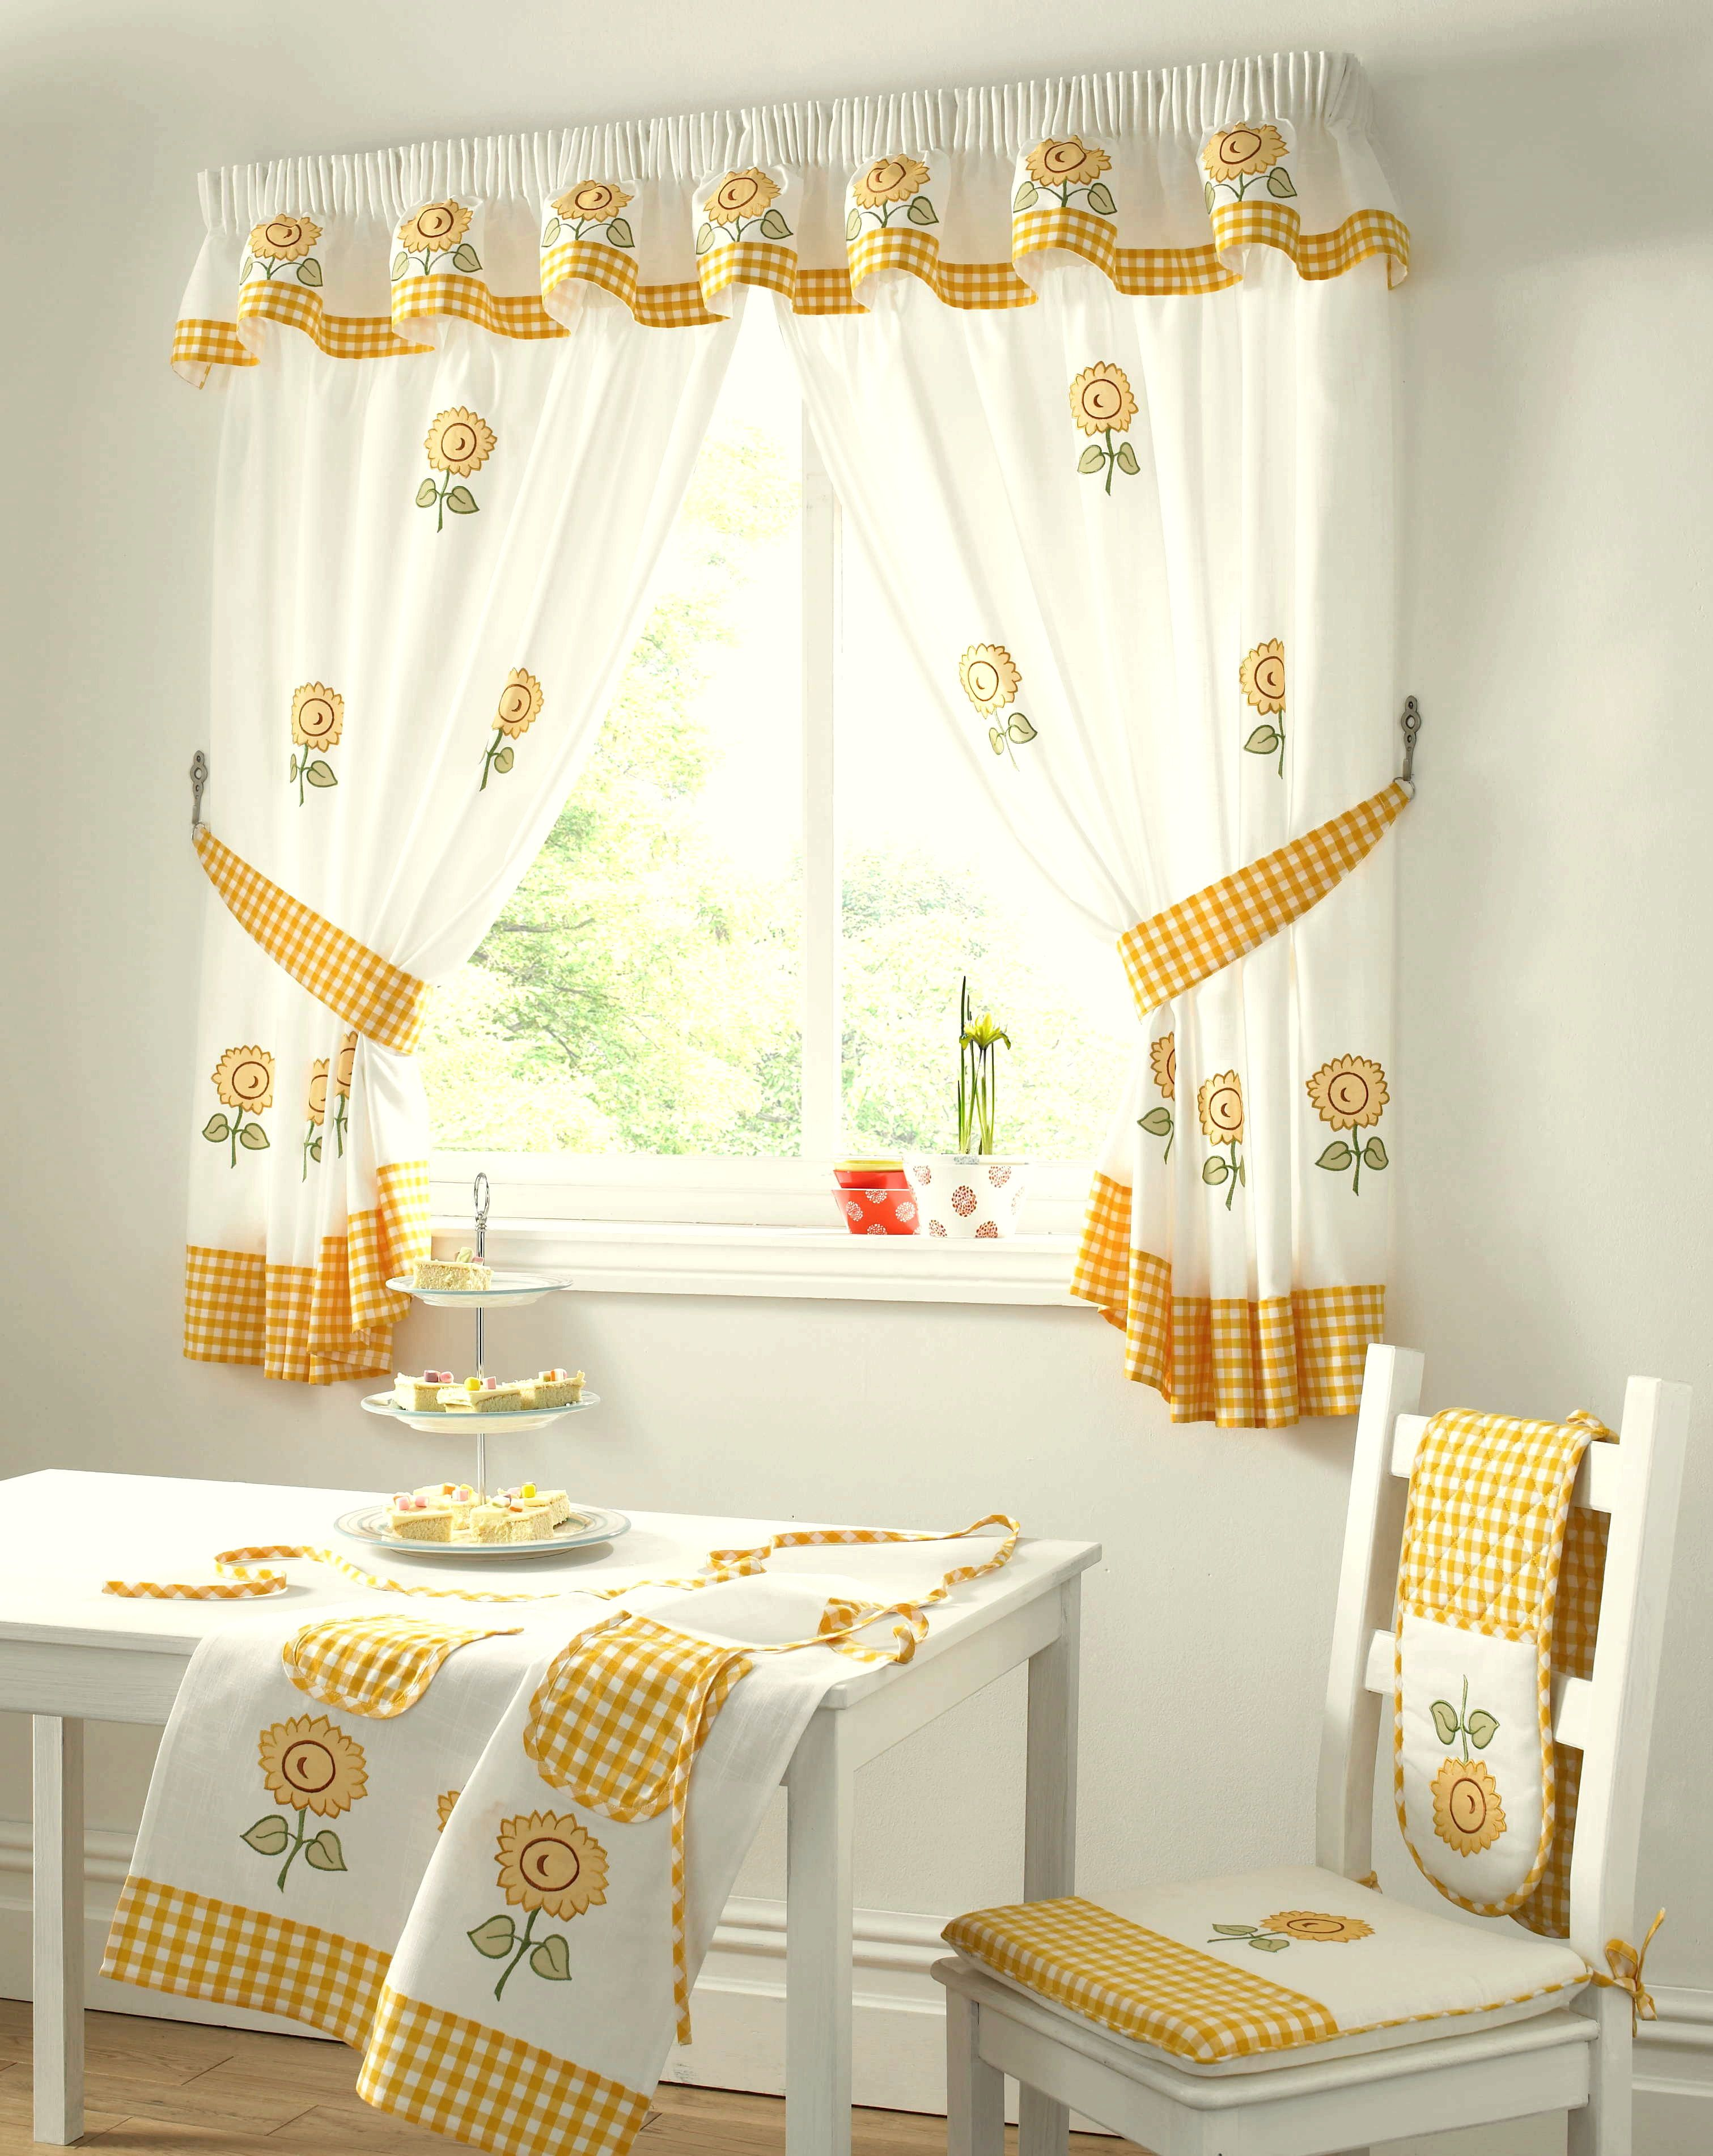 Cortinas de cocina | cortinas | Pinterest | Cortinas de cocina ...